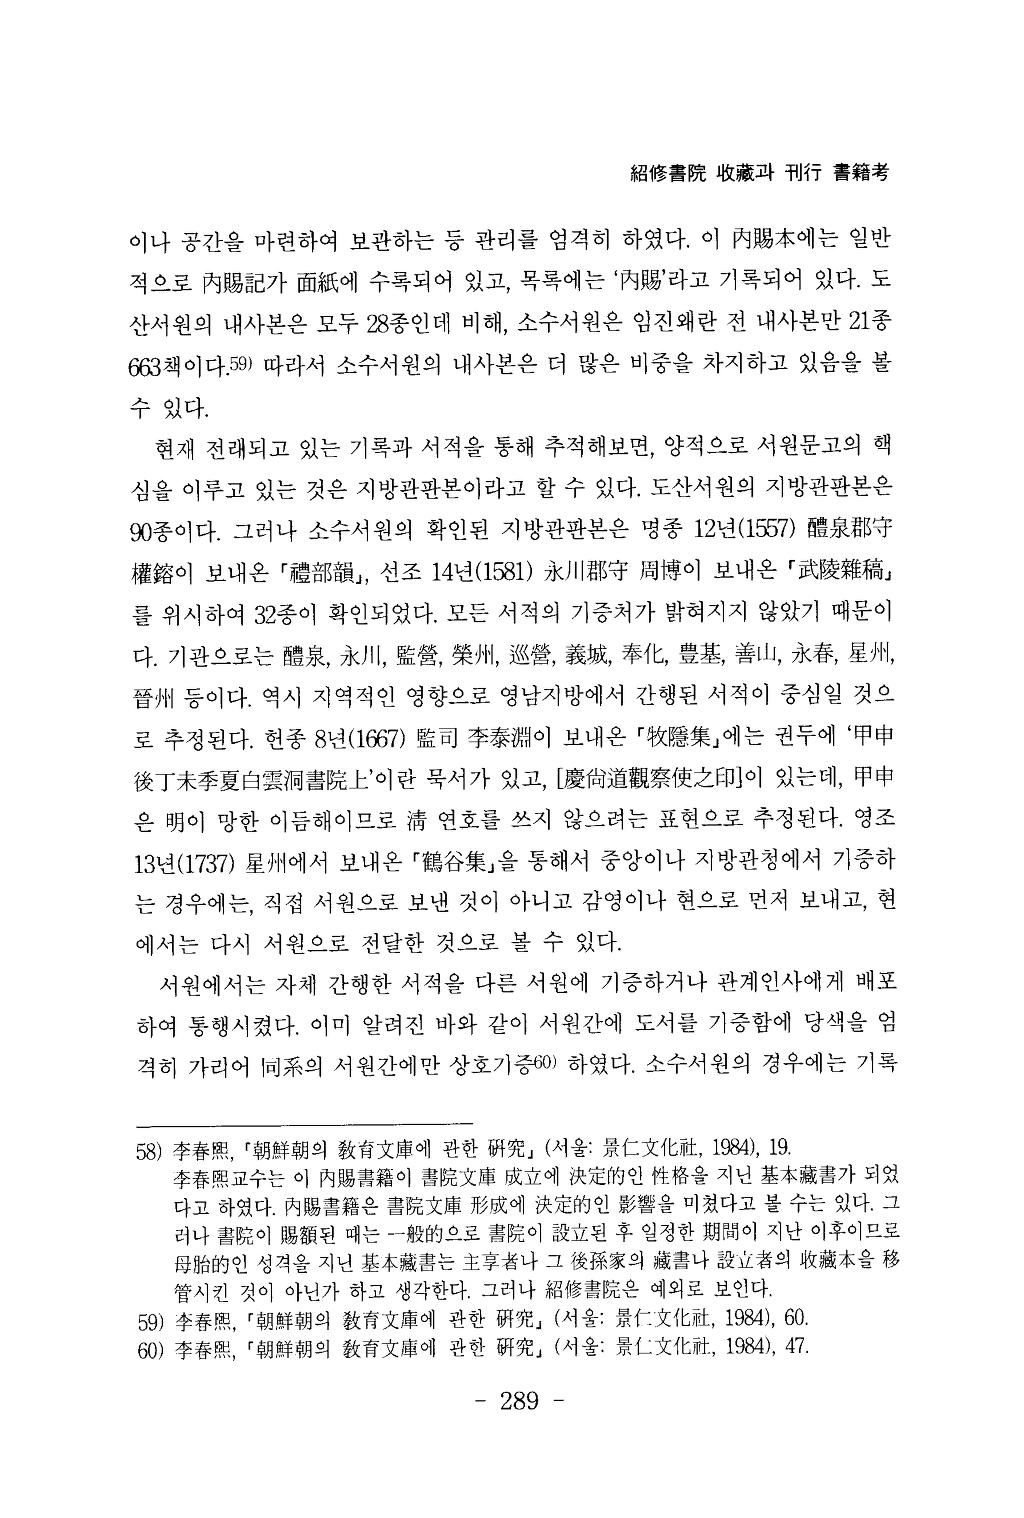 소수서원(紹修書院)_수장(收藏)과_간행_서적고(書籍考)_페이지_27.png